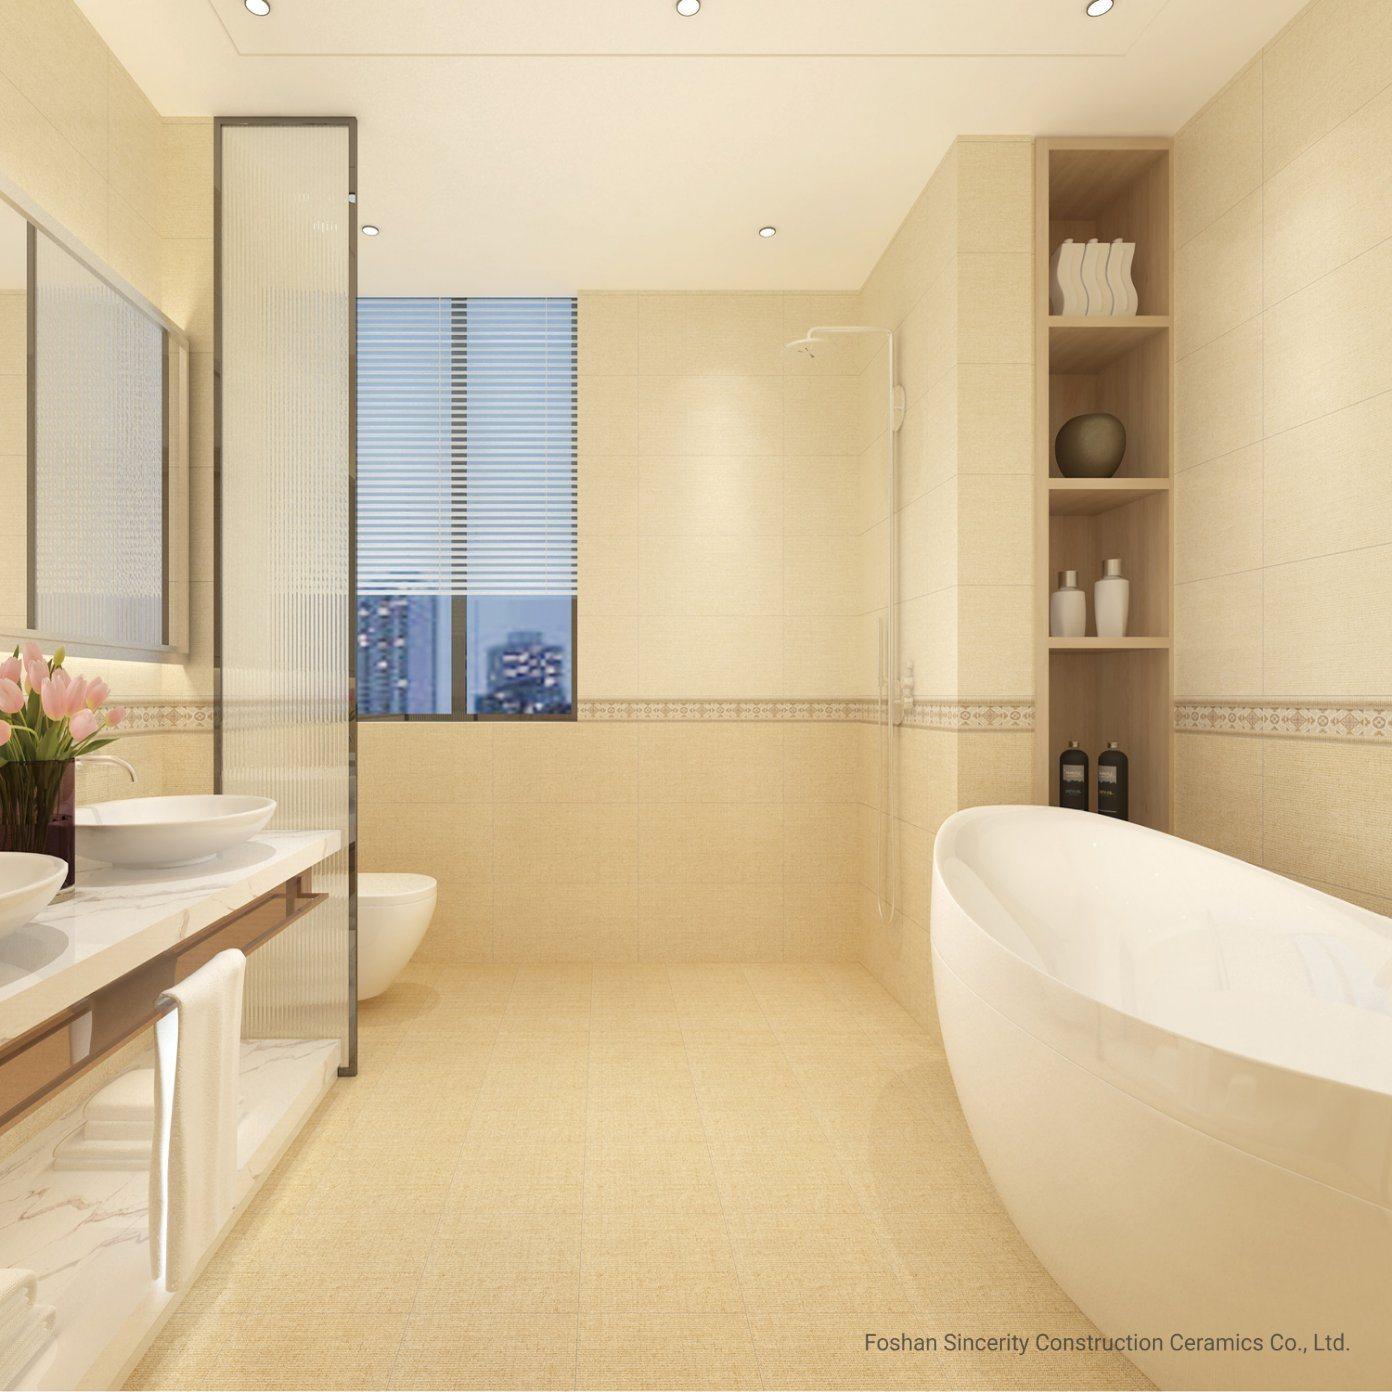 [Hot Item] Beige Luxury Color Polished Glazed Porcelain & Ceramic Tile for  Wall and Floor